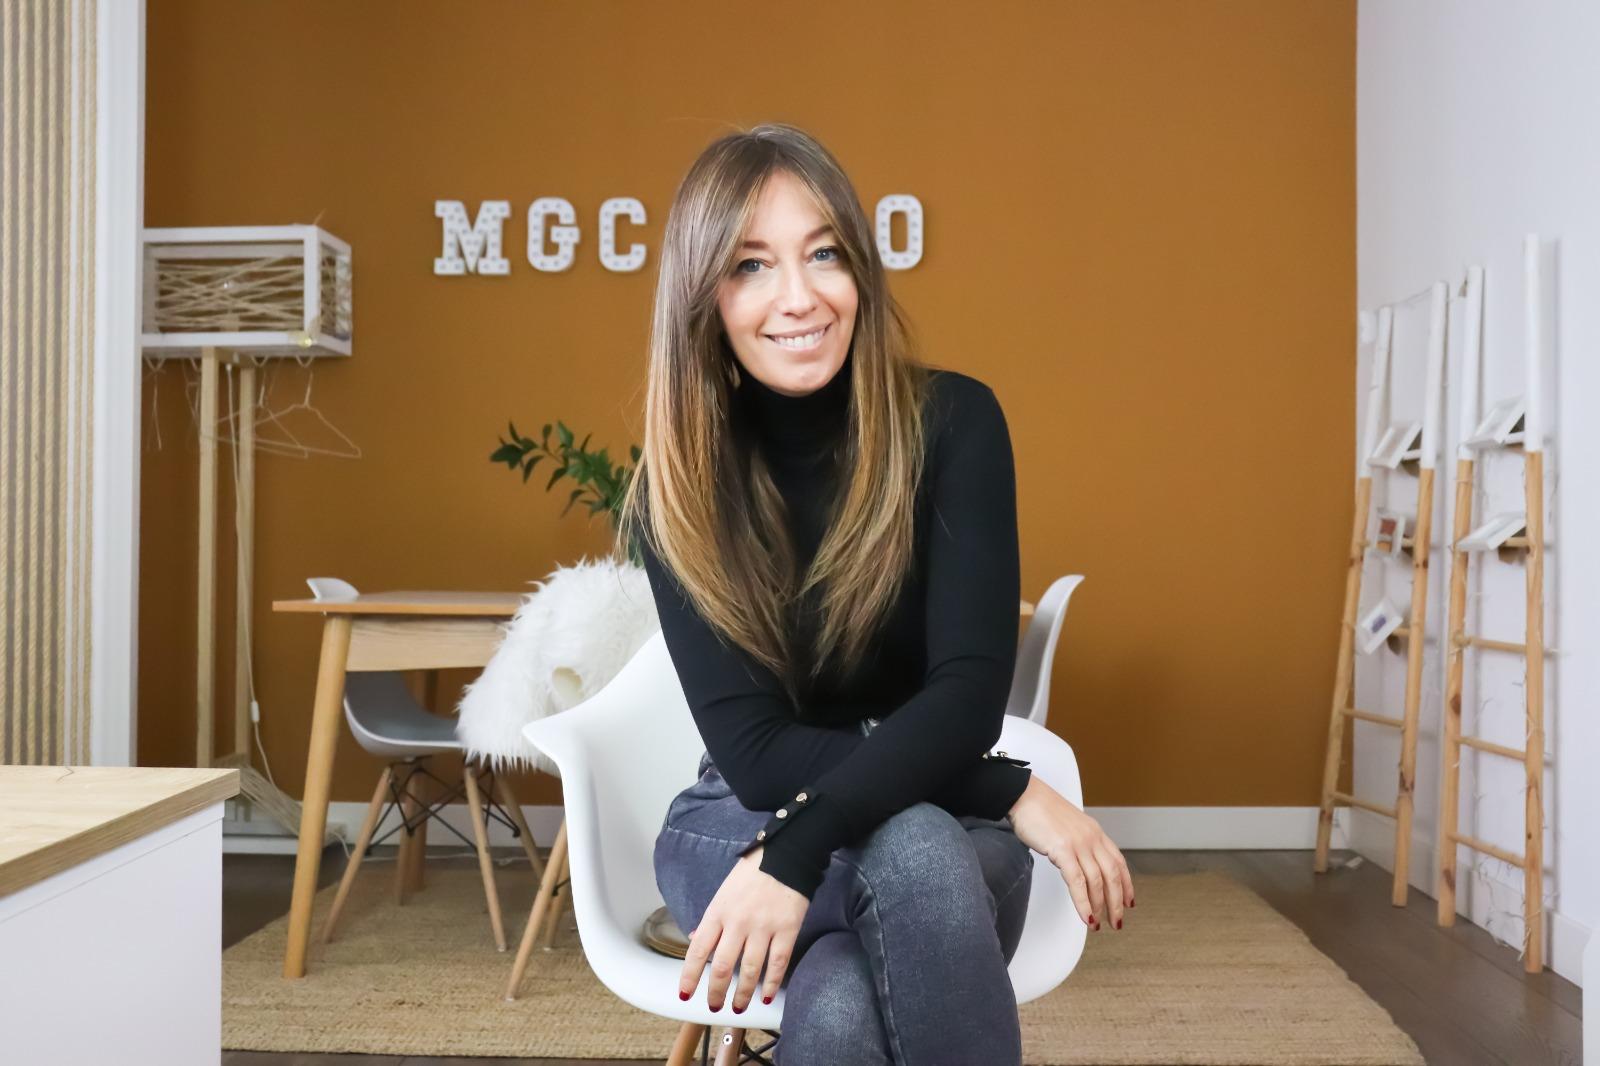 MGC&Co. Public Relations es un estudio boutique especializado en ofrecer estrategias únicas y personalizadas on line y off line y enfocados a resultados de negocio. Según el último ranking de El Publicista está entre las 50 mejores agencias de España.